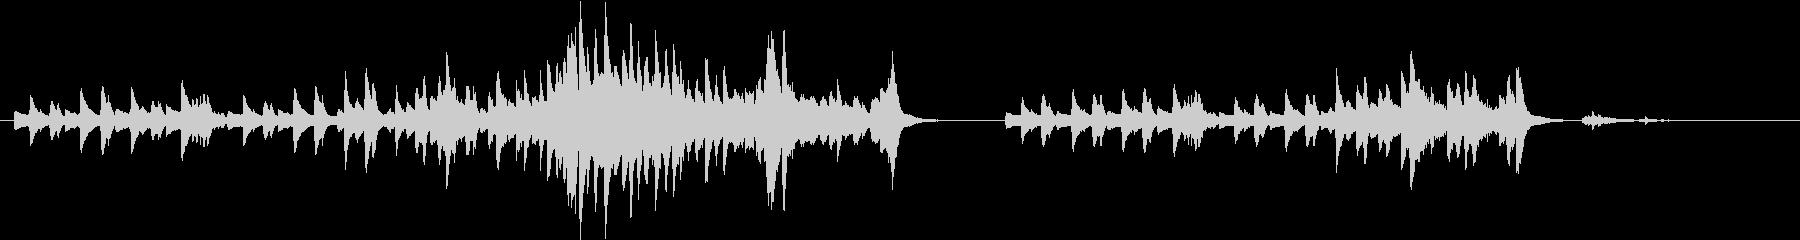 即興的でかっこいいピアノのオリジナル曲の未再生の波形